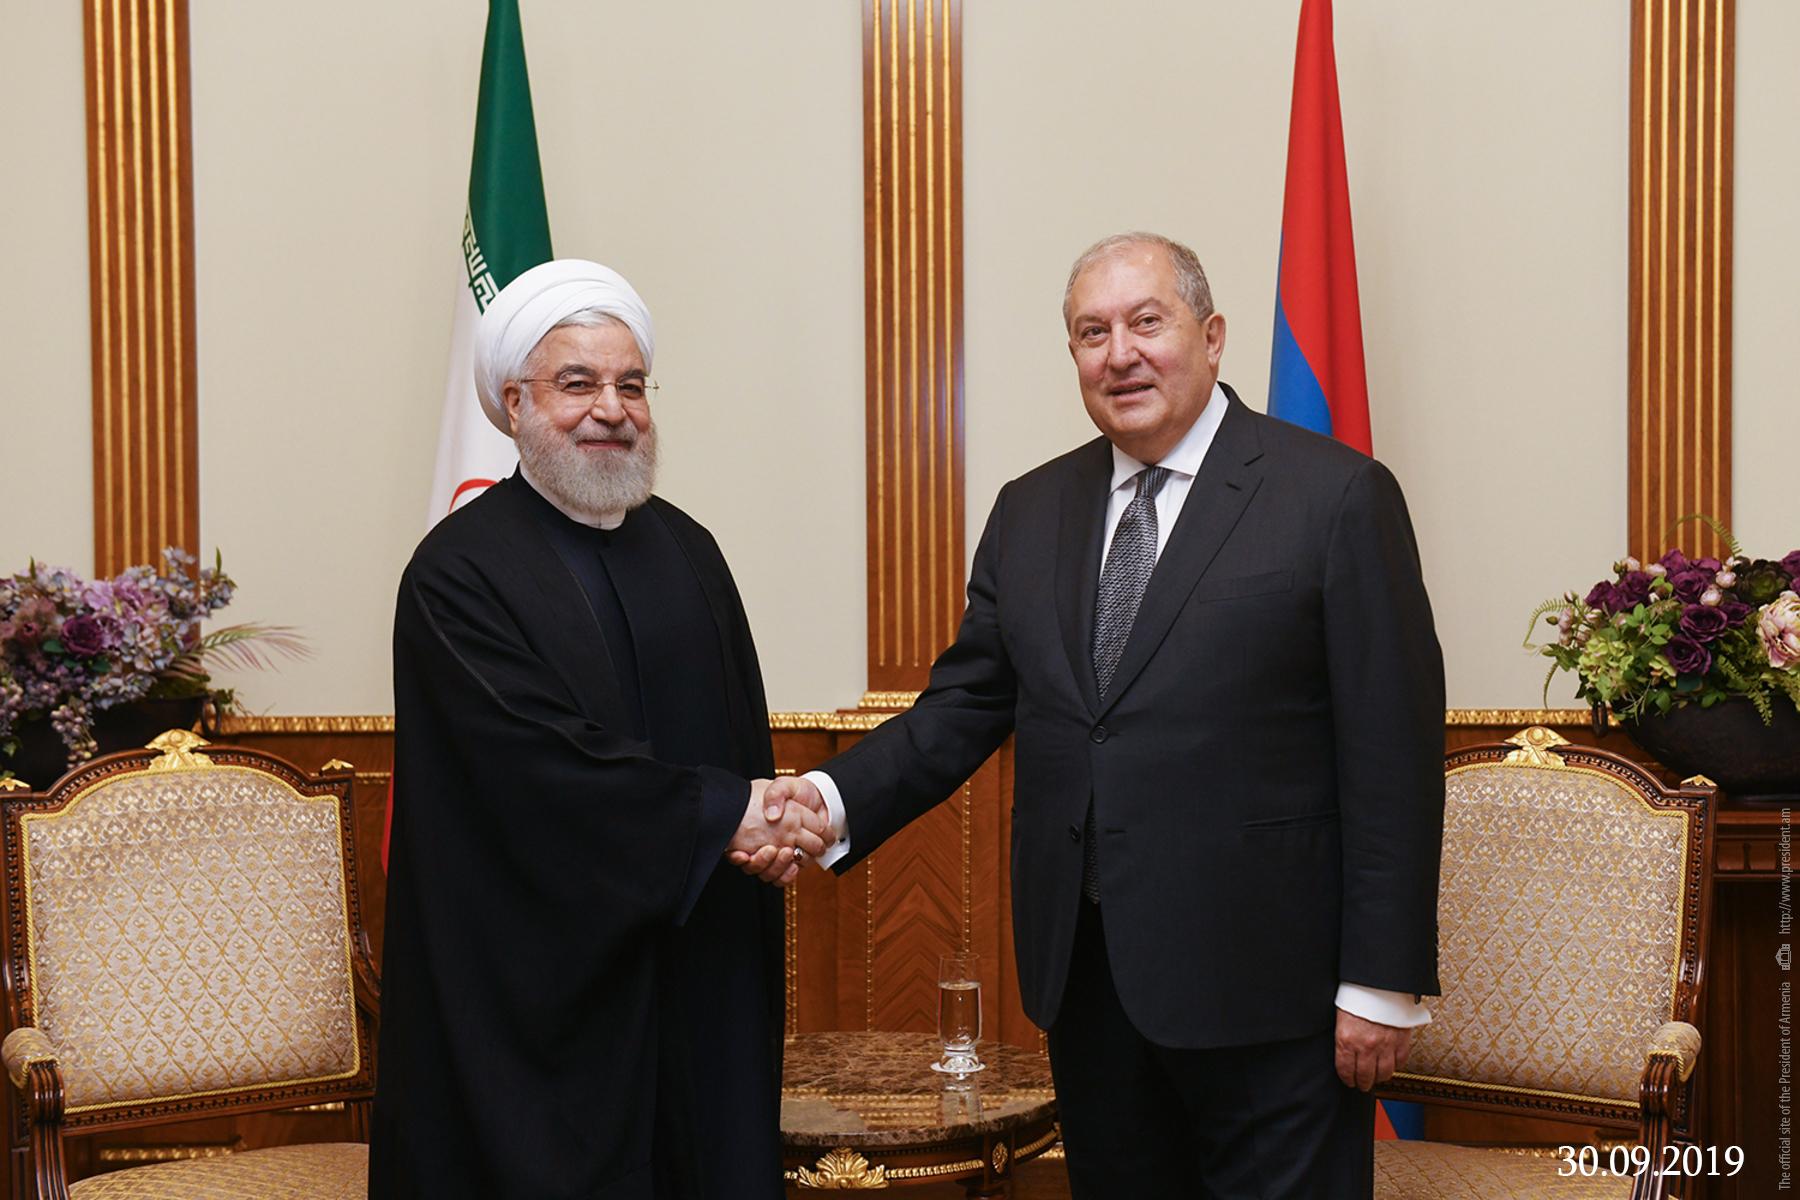 Photo of Արմեն Սարգսյանը Նովրուզի առթիվ շնորհավորել է Իրանի նախագահին և հոգևոր առաջնորդին